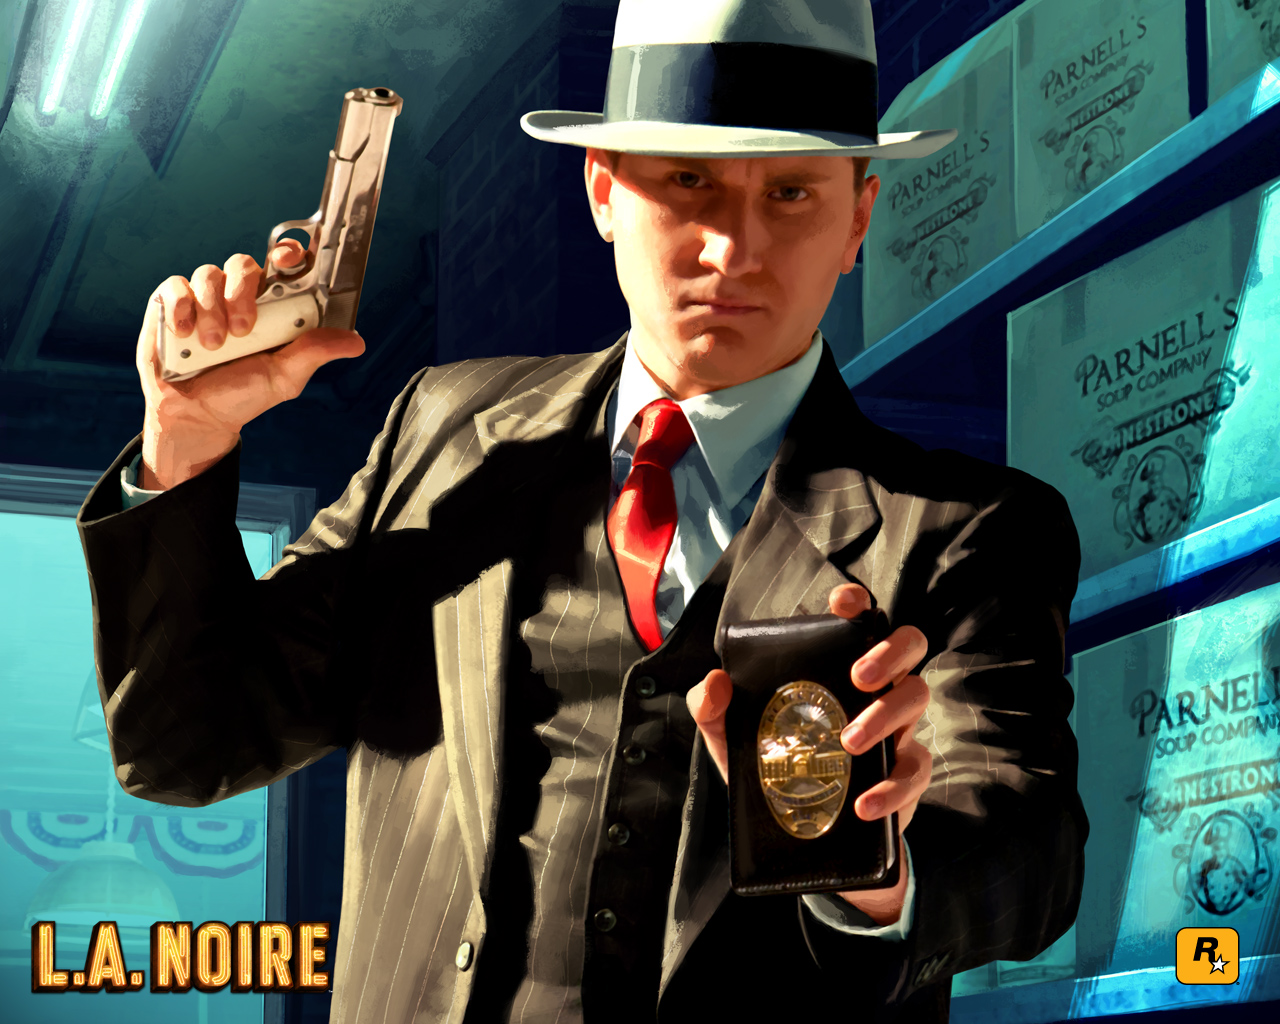 http://2.bp.blogspot.com/-NLH-RnSfAQA/T9Gr5mU1HwI/AAAAAAAAAKU/E24htUtQvoE/s1600/L.A._Noire14.jpg